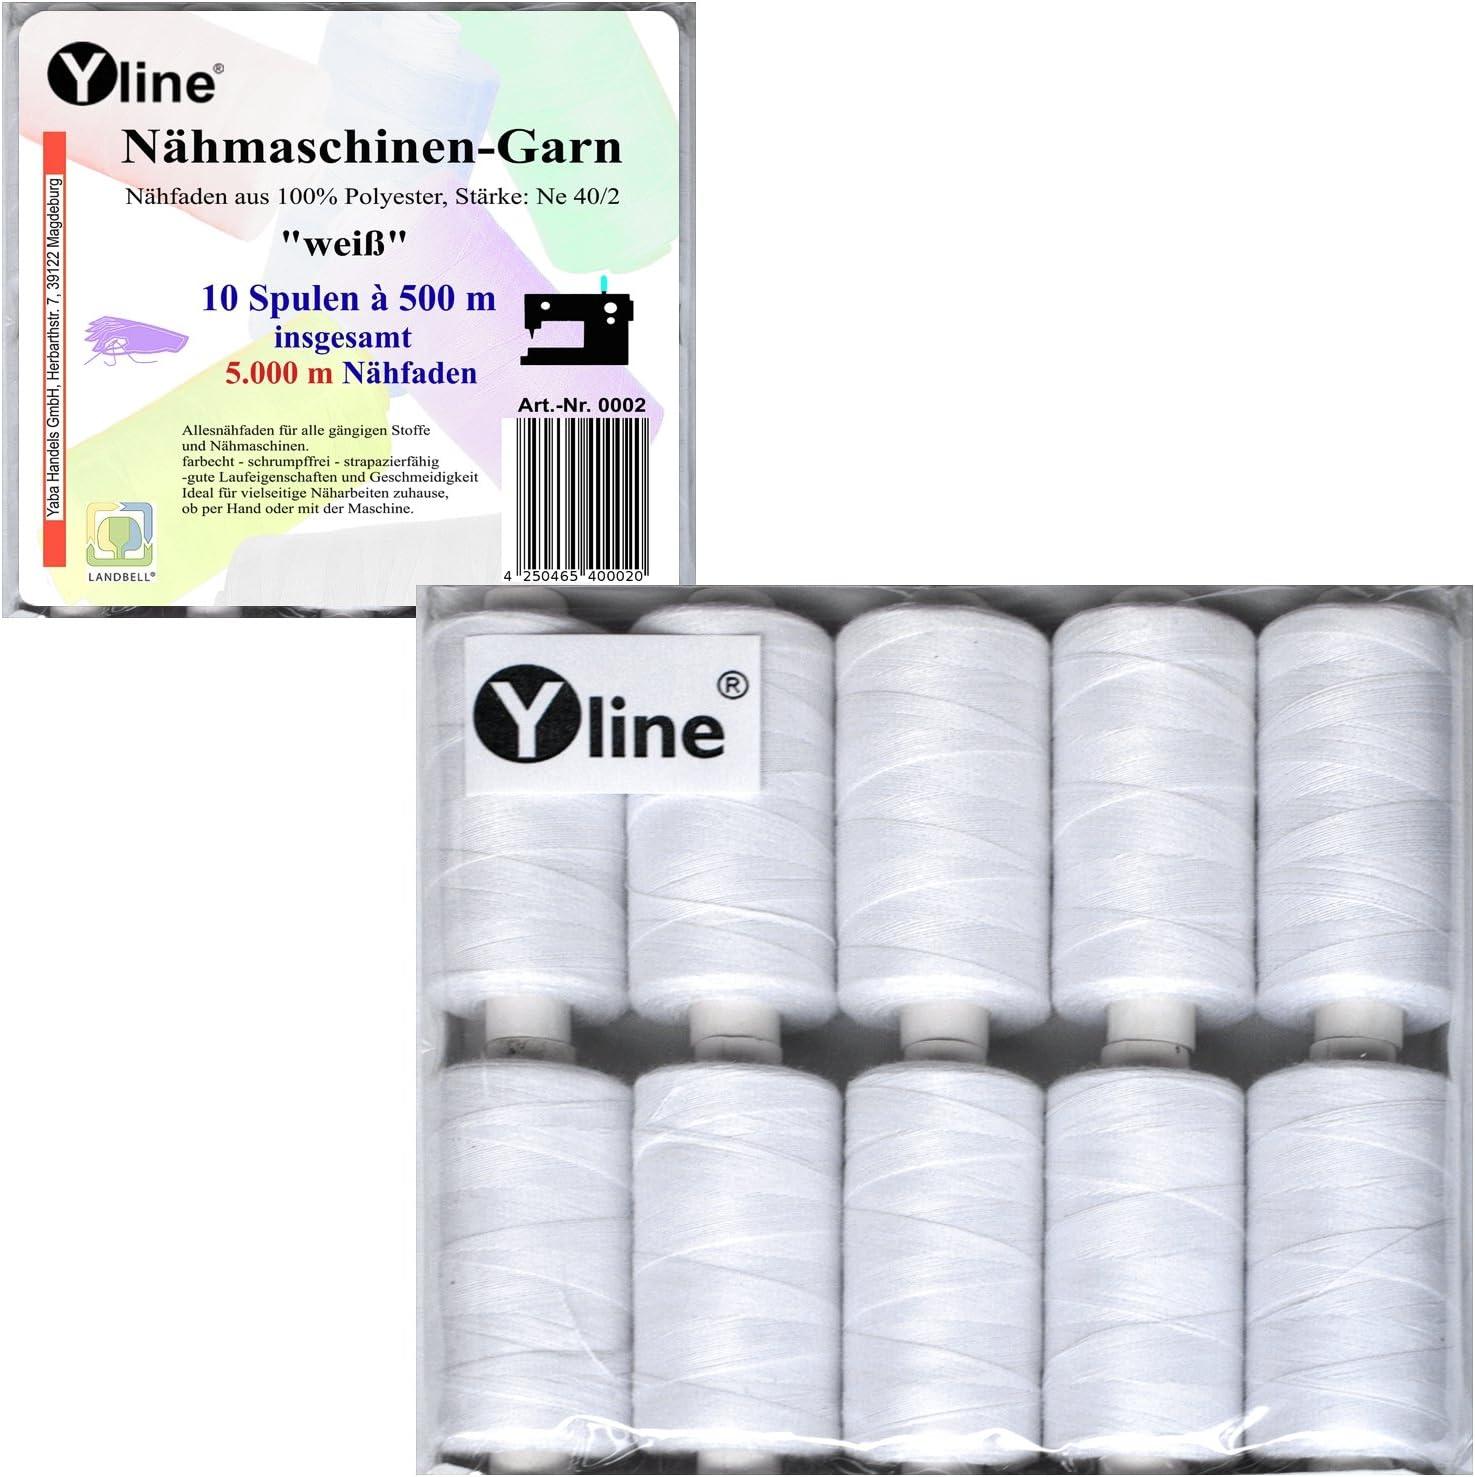 Hilo de coser/cada hilo poliéster blanco para máquina de coser 10 las columnas a, 500 m y 2 las columnas a, 50 m Hilo de coser de clip, 0002